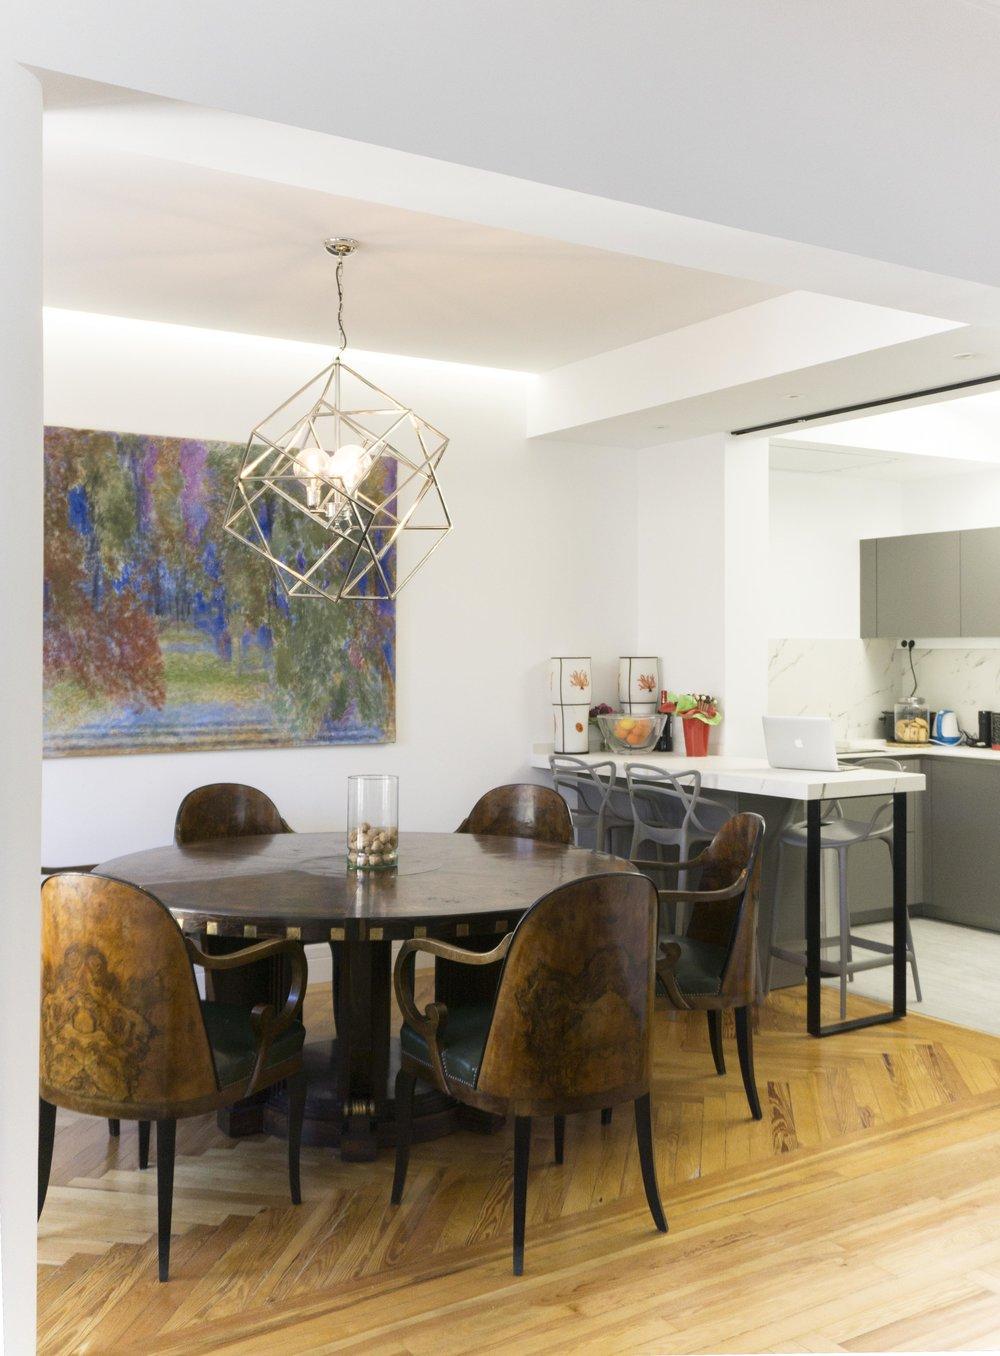 diseño reformas slow emmme studio 06 comedor cocina vivienda Ayala SM.jpg